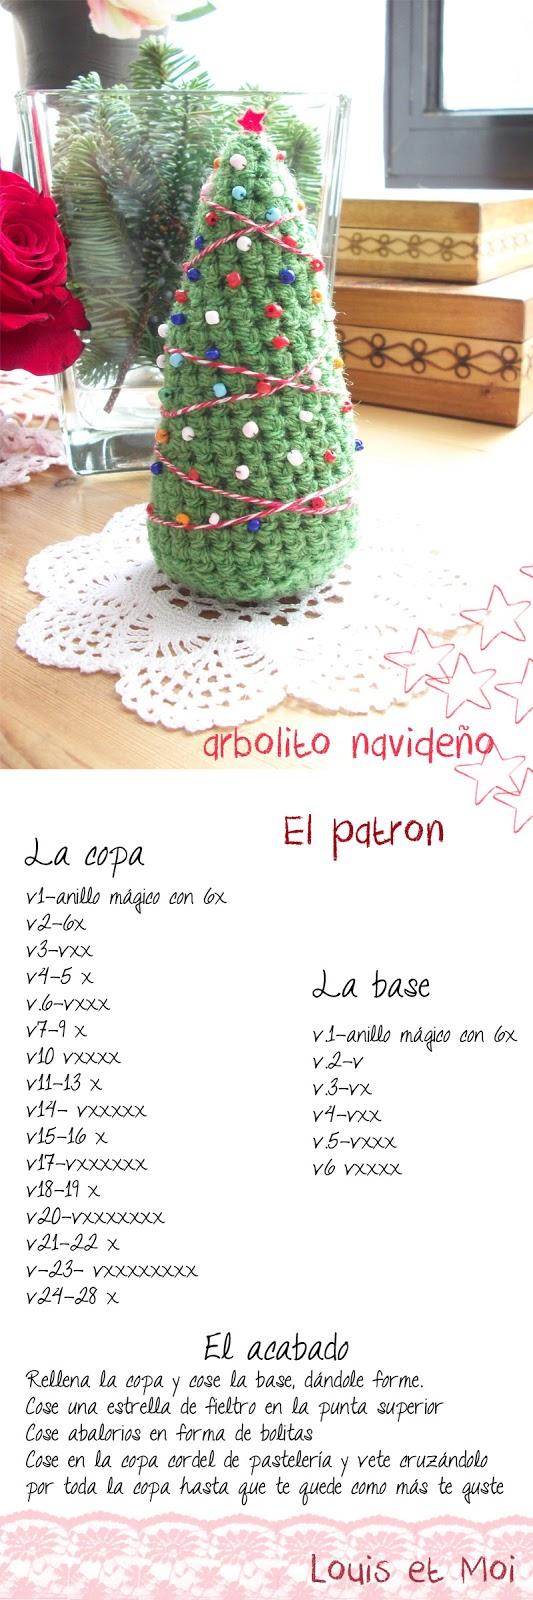 Louis et Moi (cosen y hacen crochet): Patrón de árbol de Navidad de ...